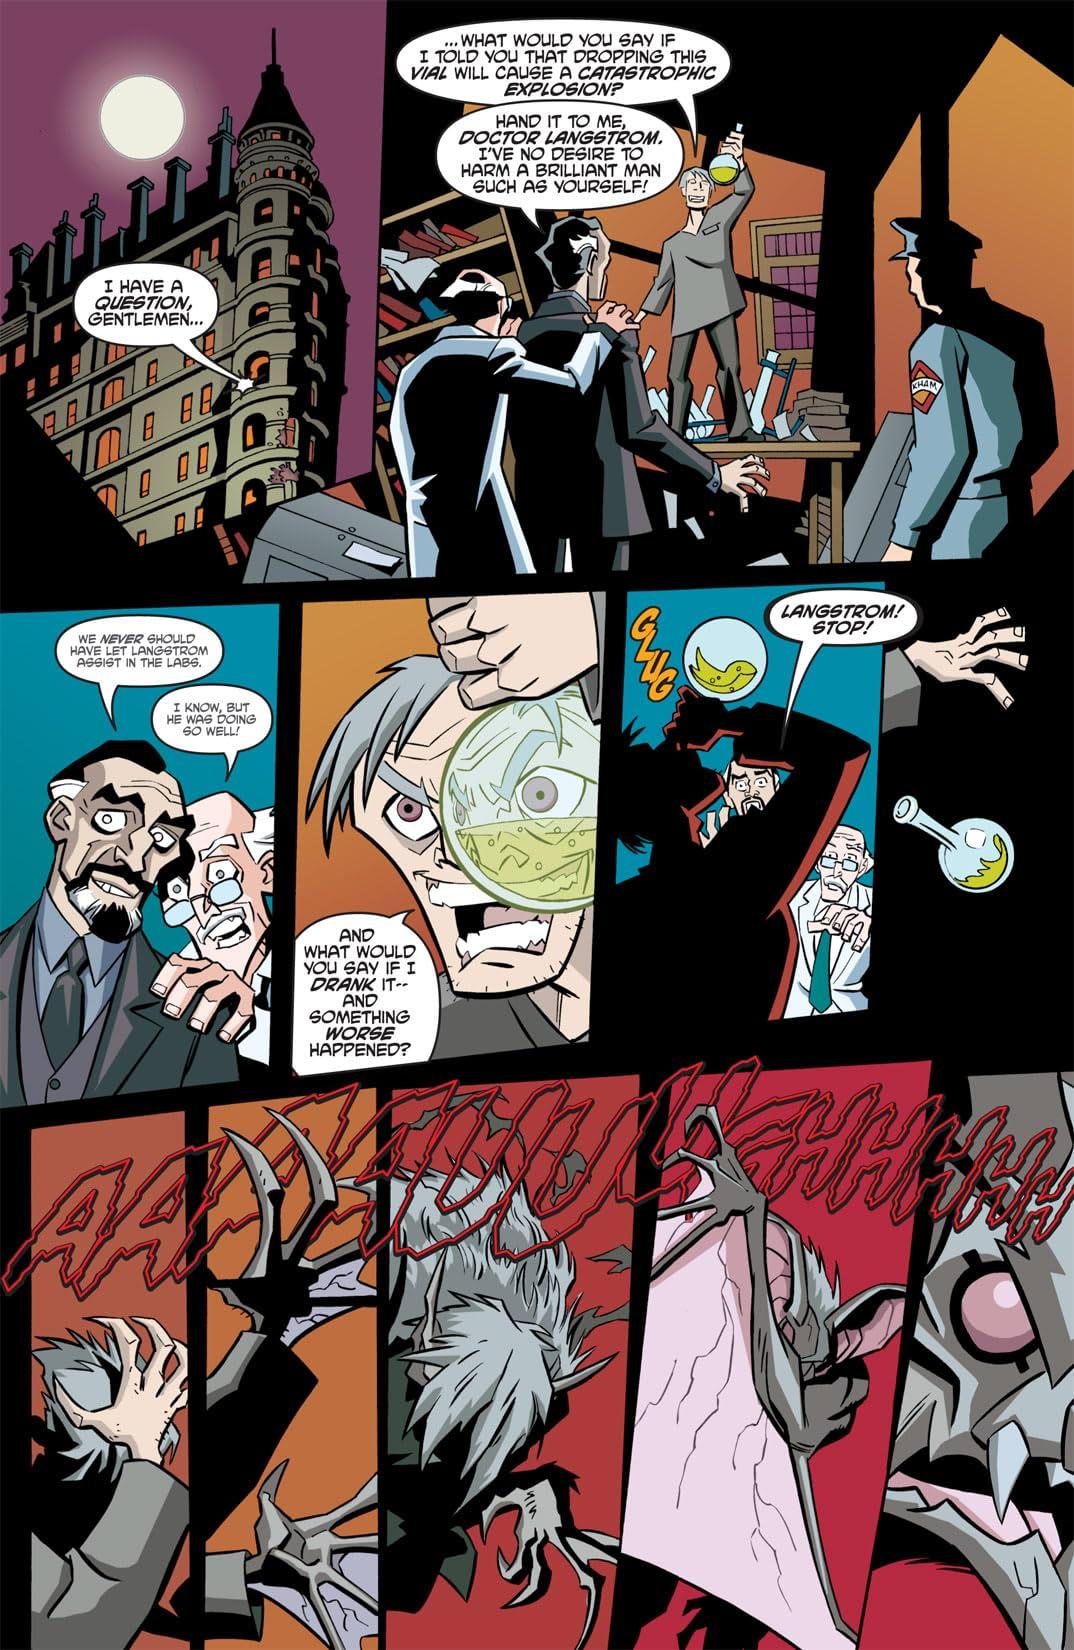 The Batman Strikes! #2